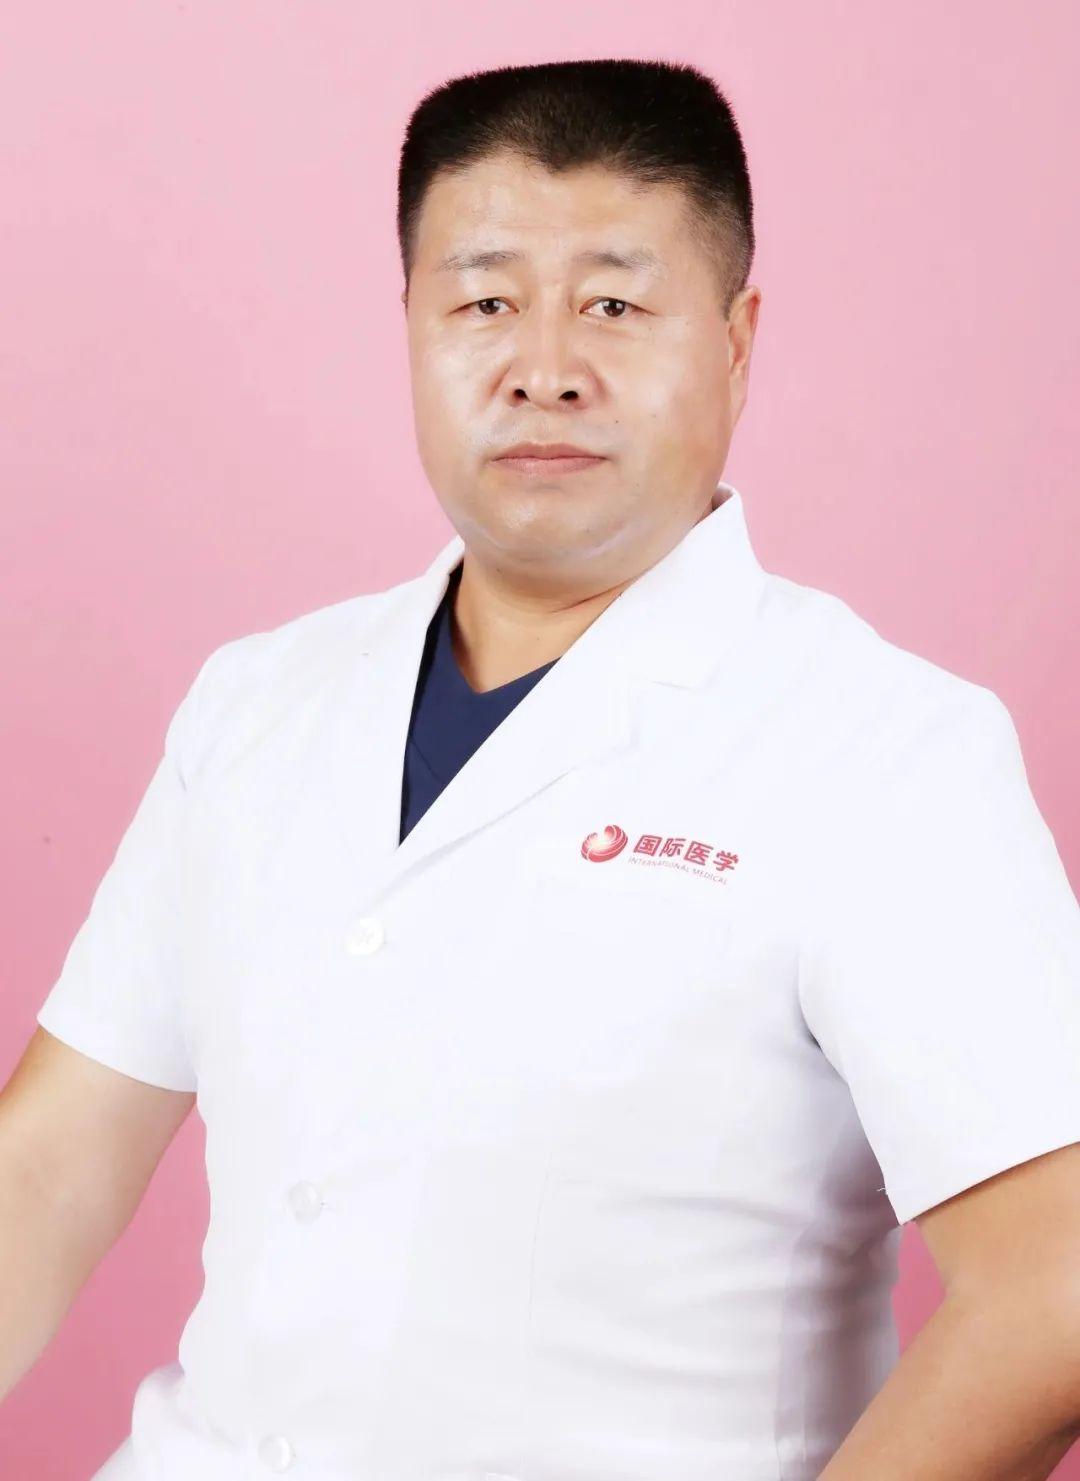 大医之道|李占亭:侠客行